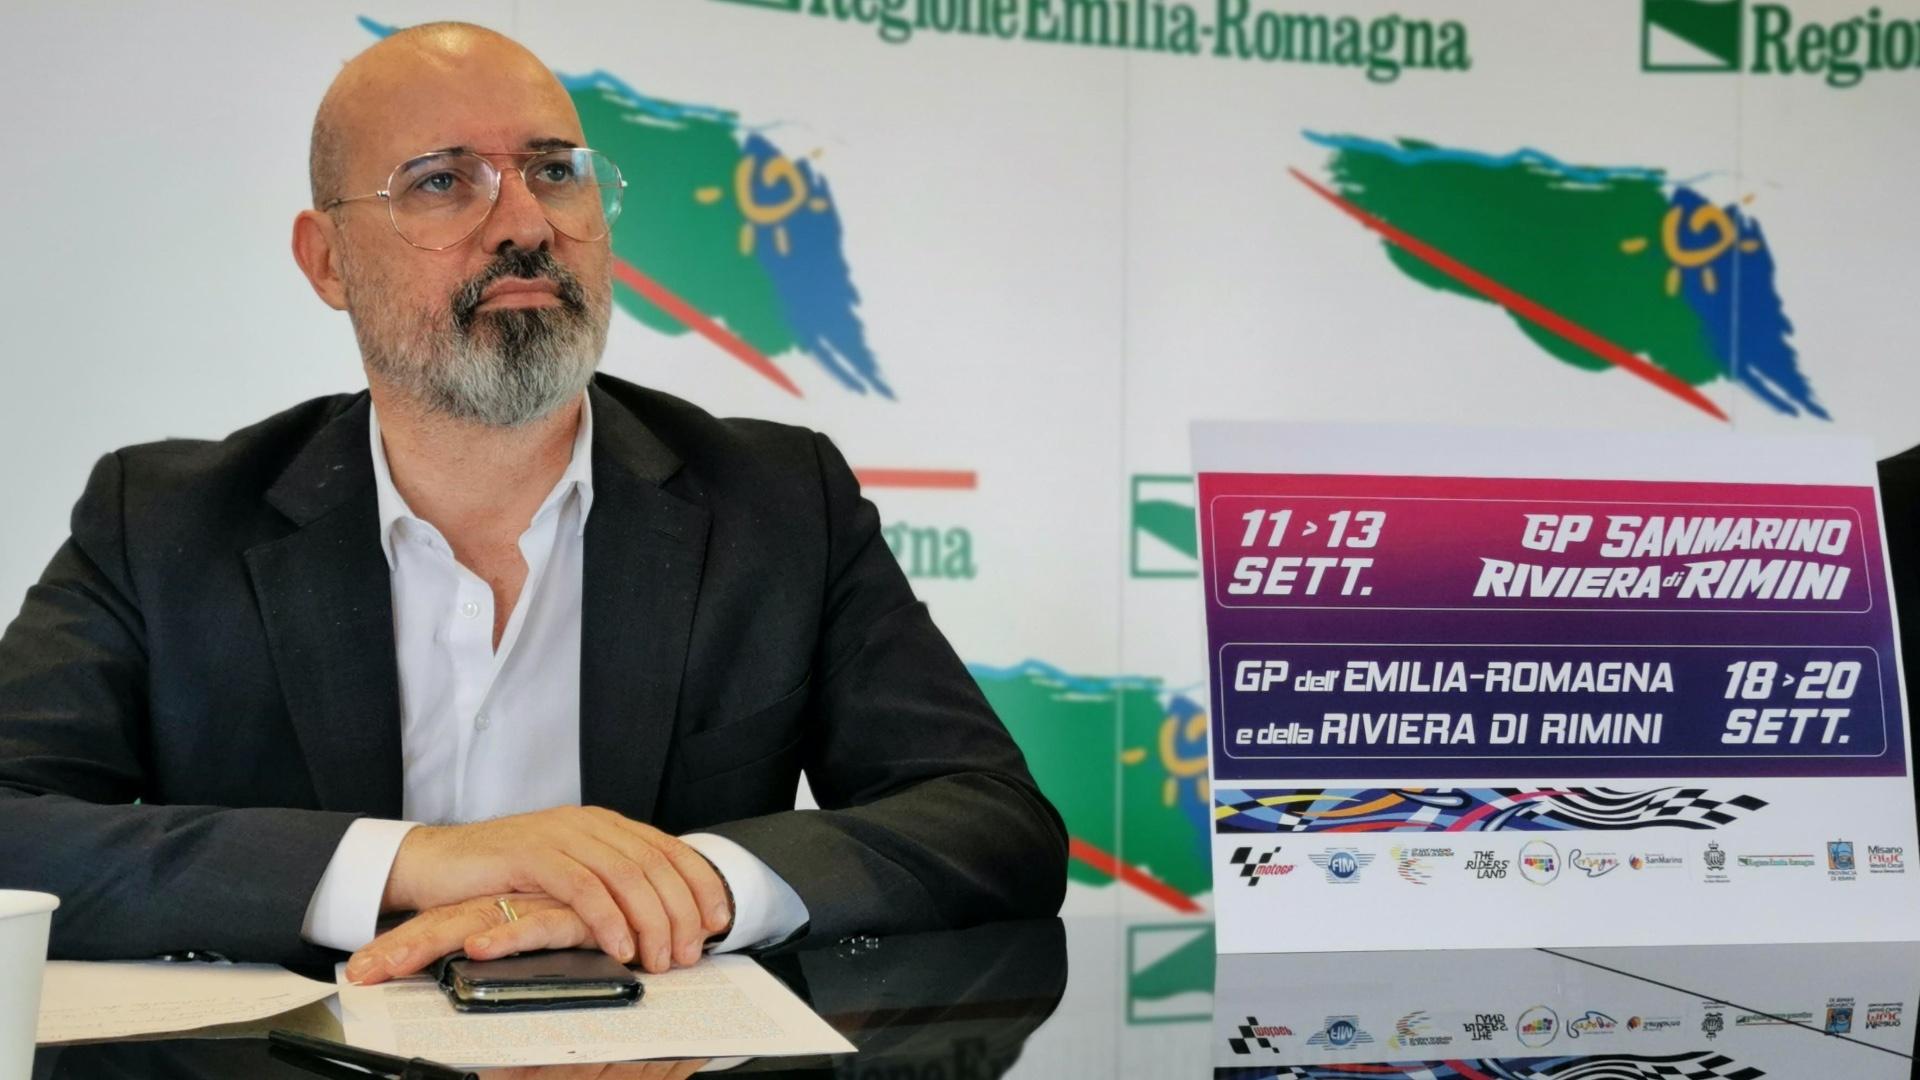 La MotoGP fa il bis Misano: a settembre in programma due Gran Premi al Misano World Circuit.